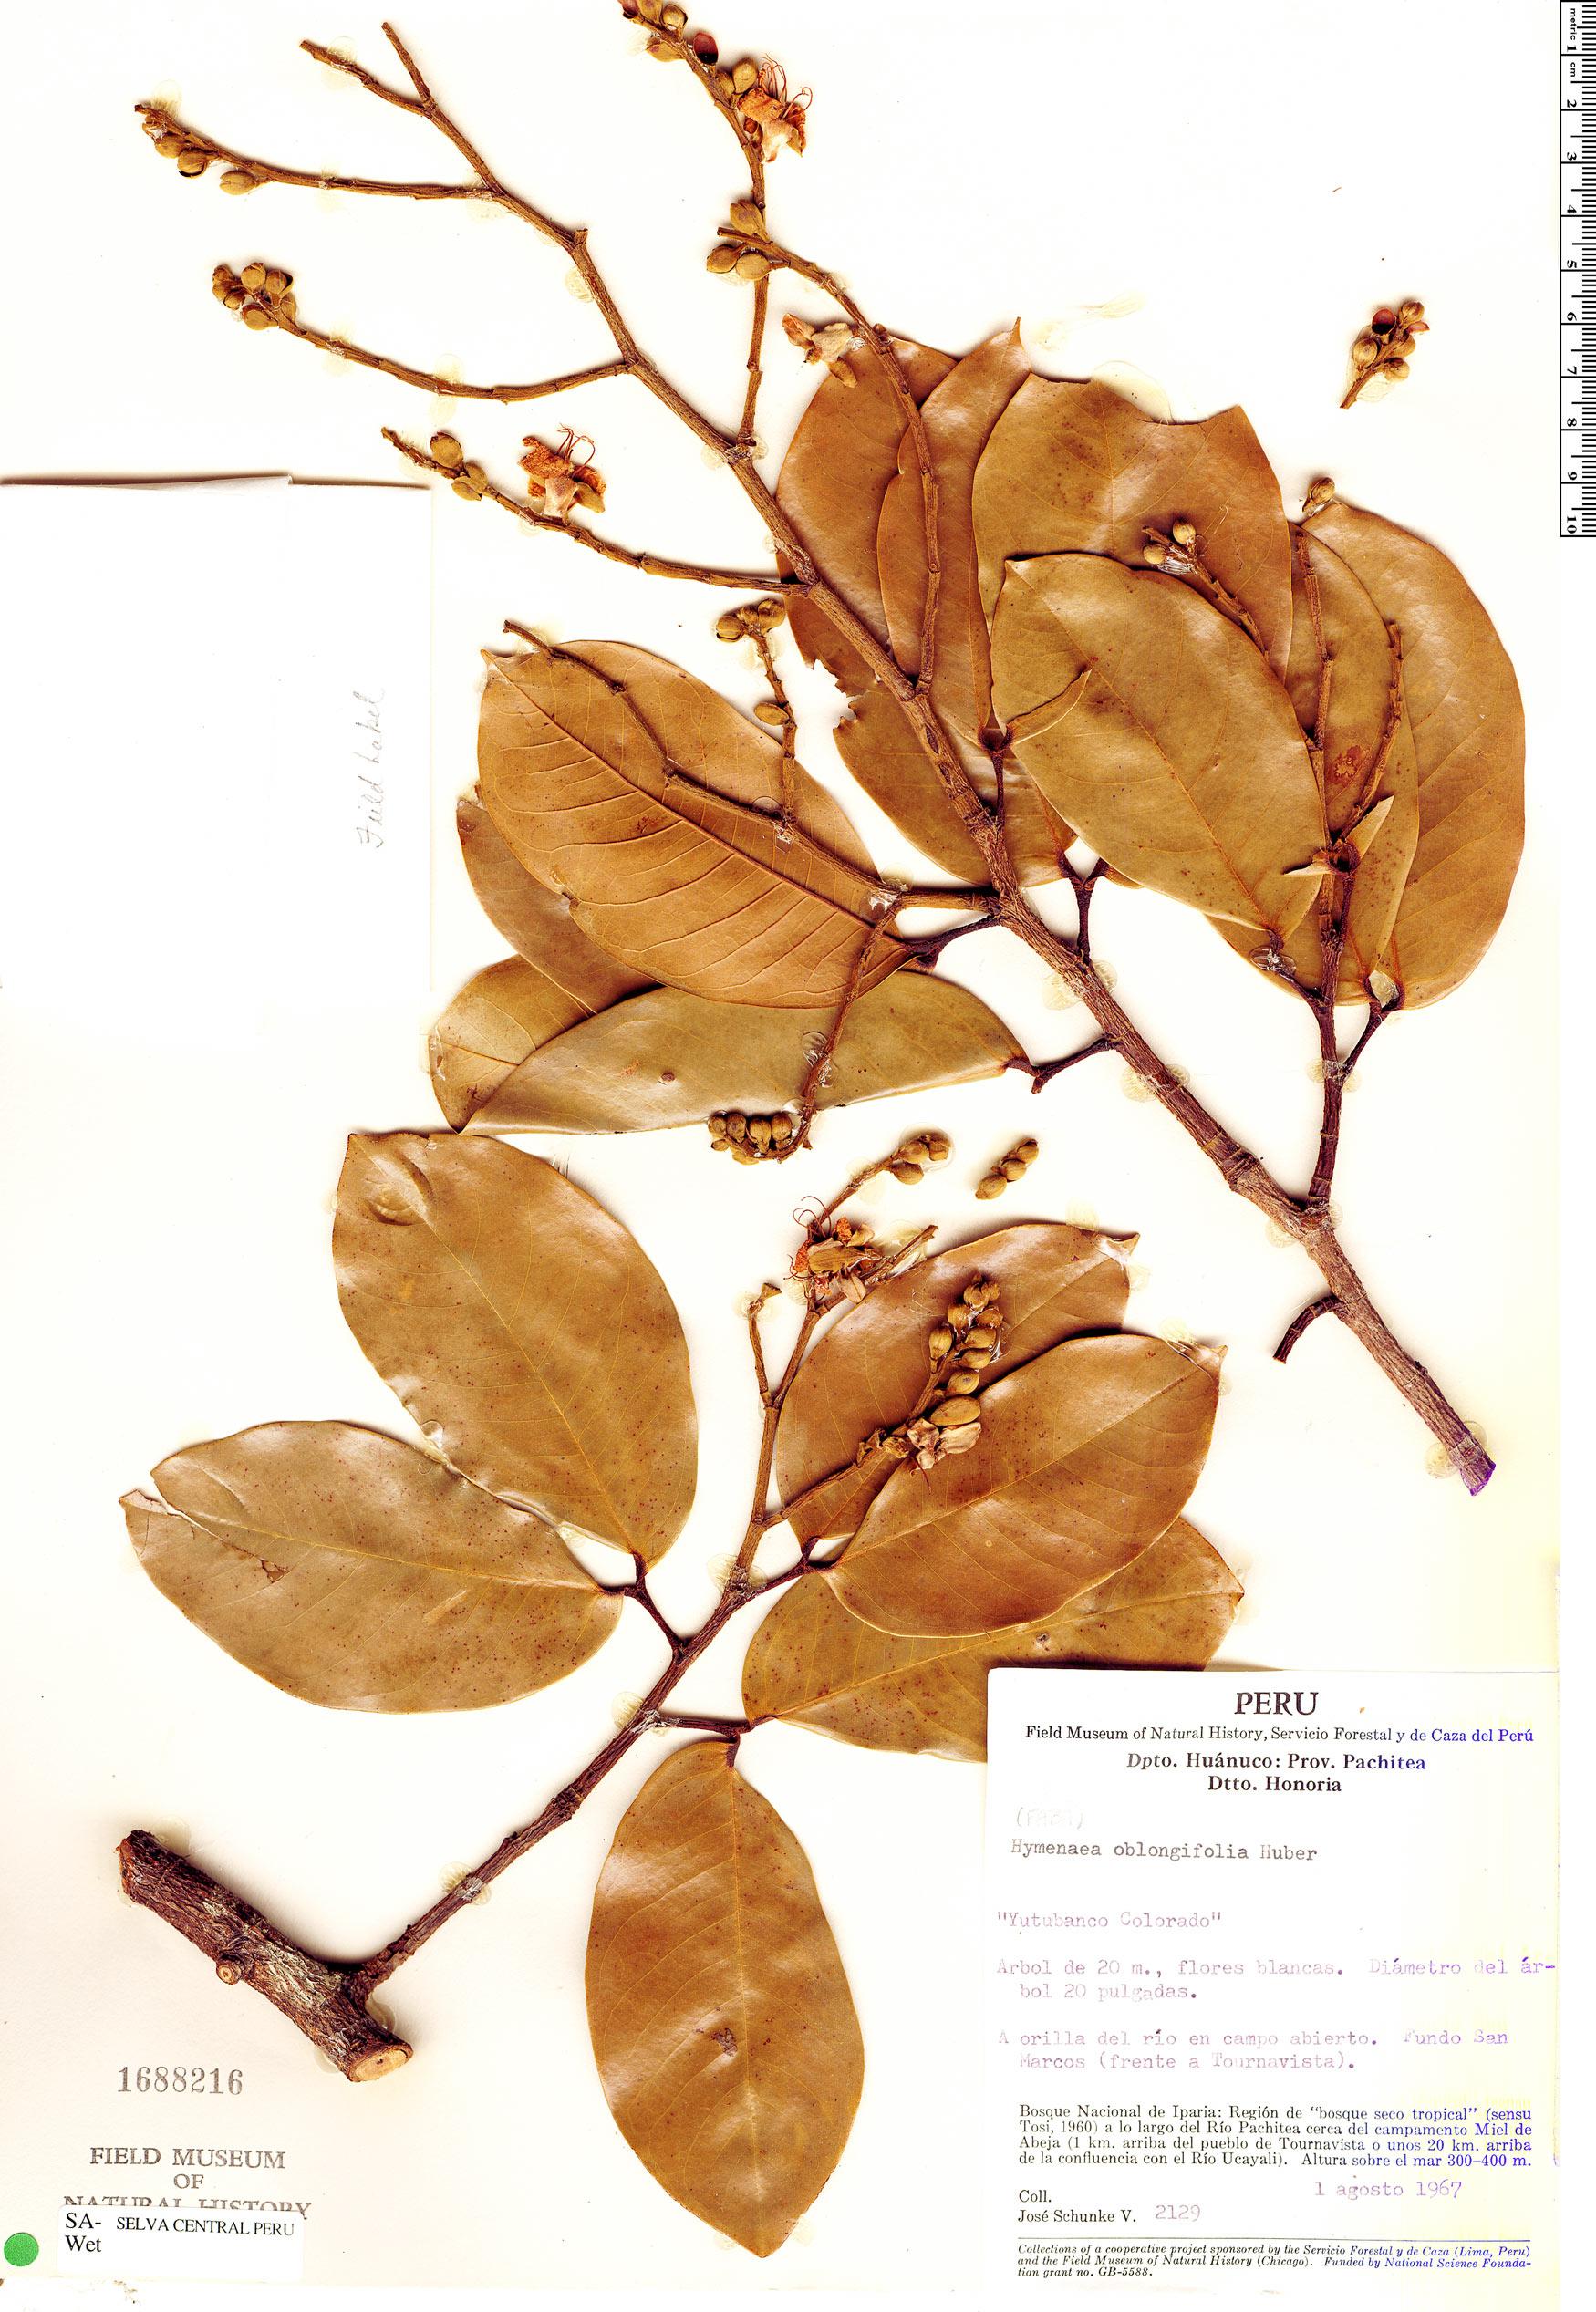 Espécimen: Hymenaea oblongifolia